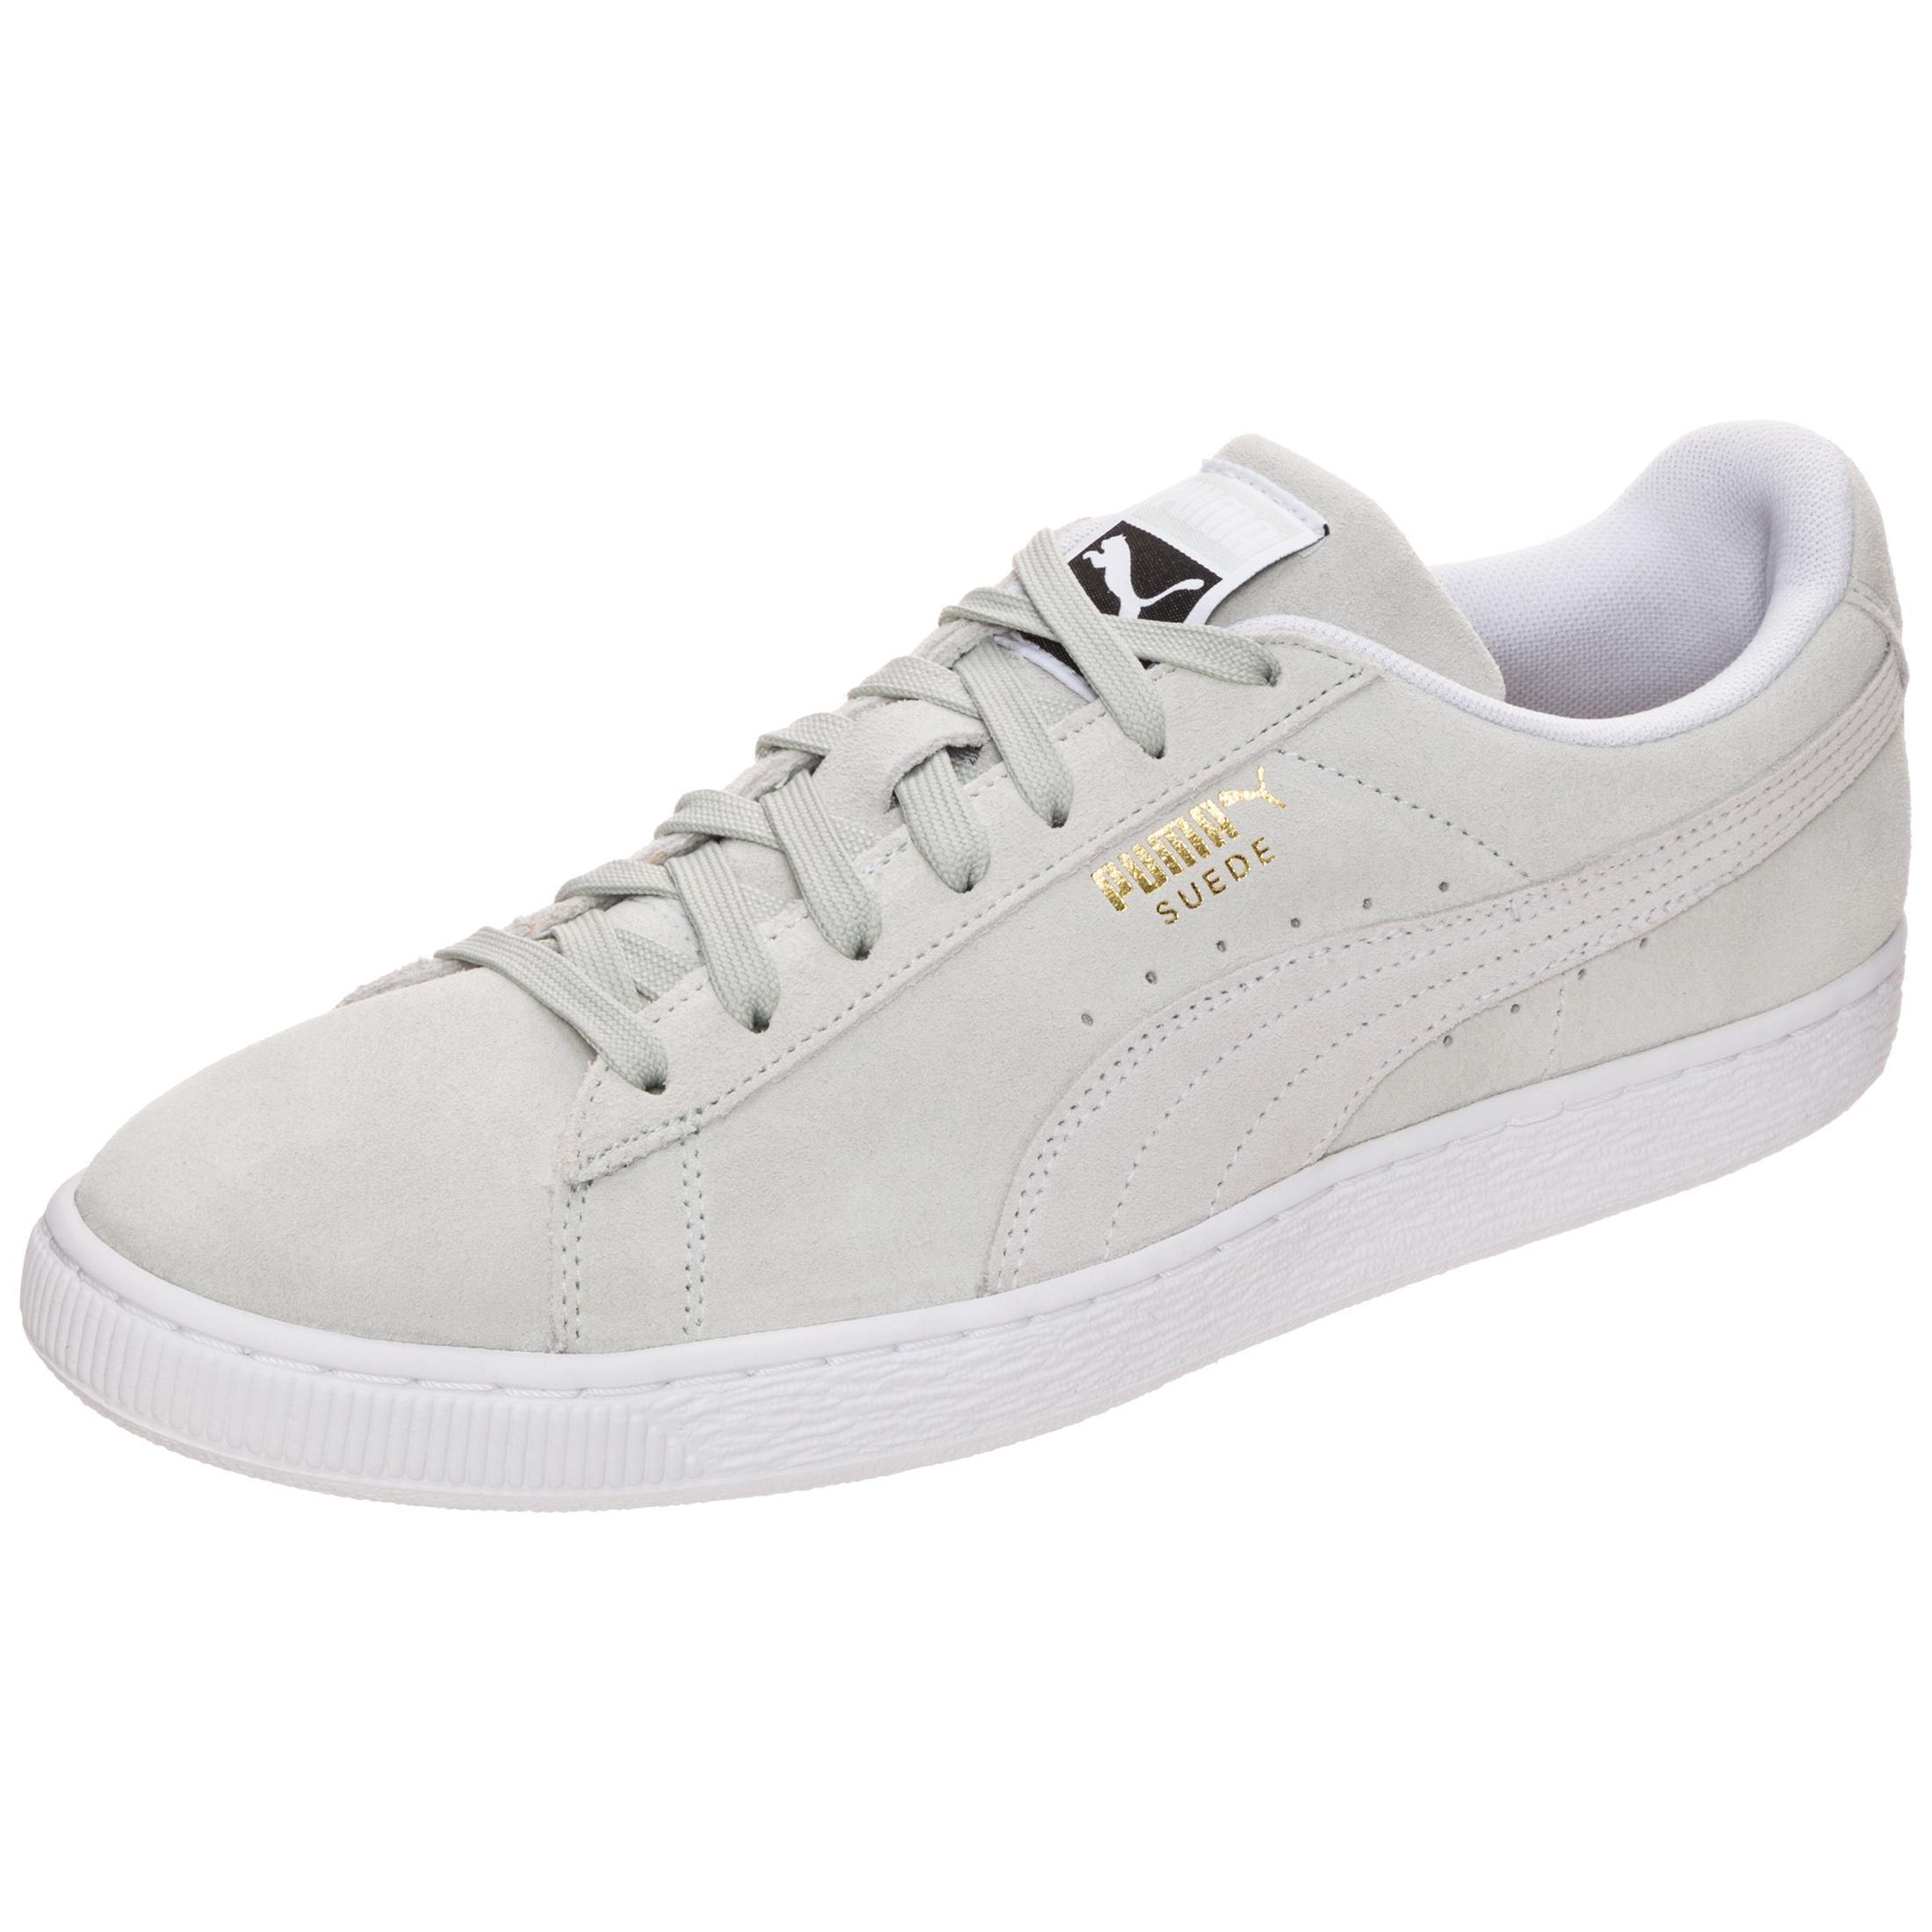 PUMA Suede Suede Suede Classic Turnschuhe Herren grau   weiß im Online Shop von SportScheck kaufen Gute Qualität beliebte Schuhe cfba6b